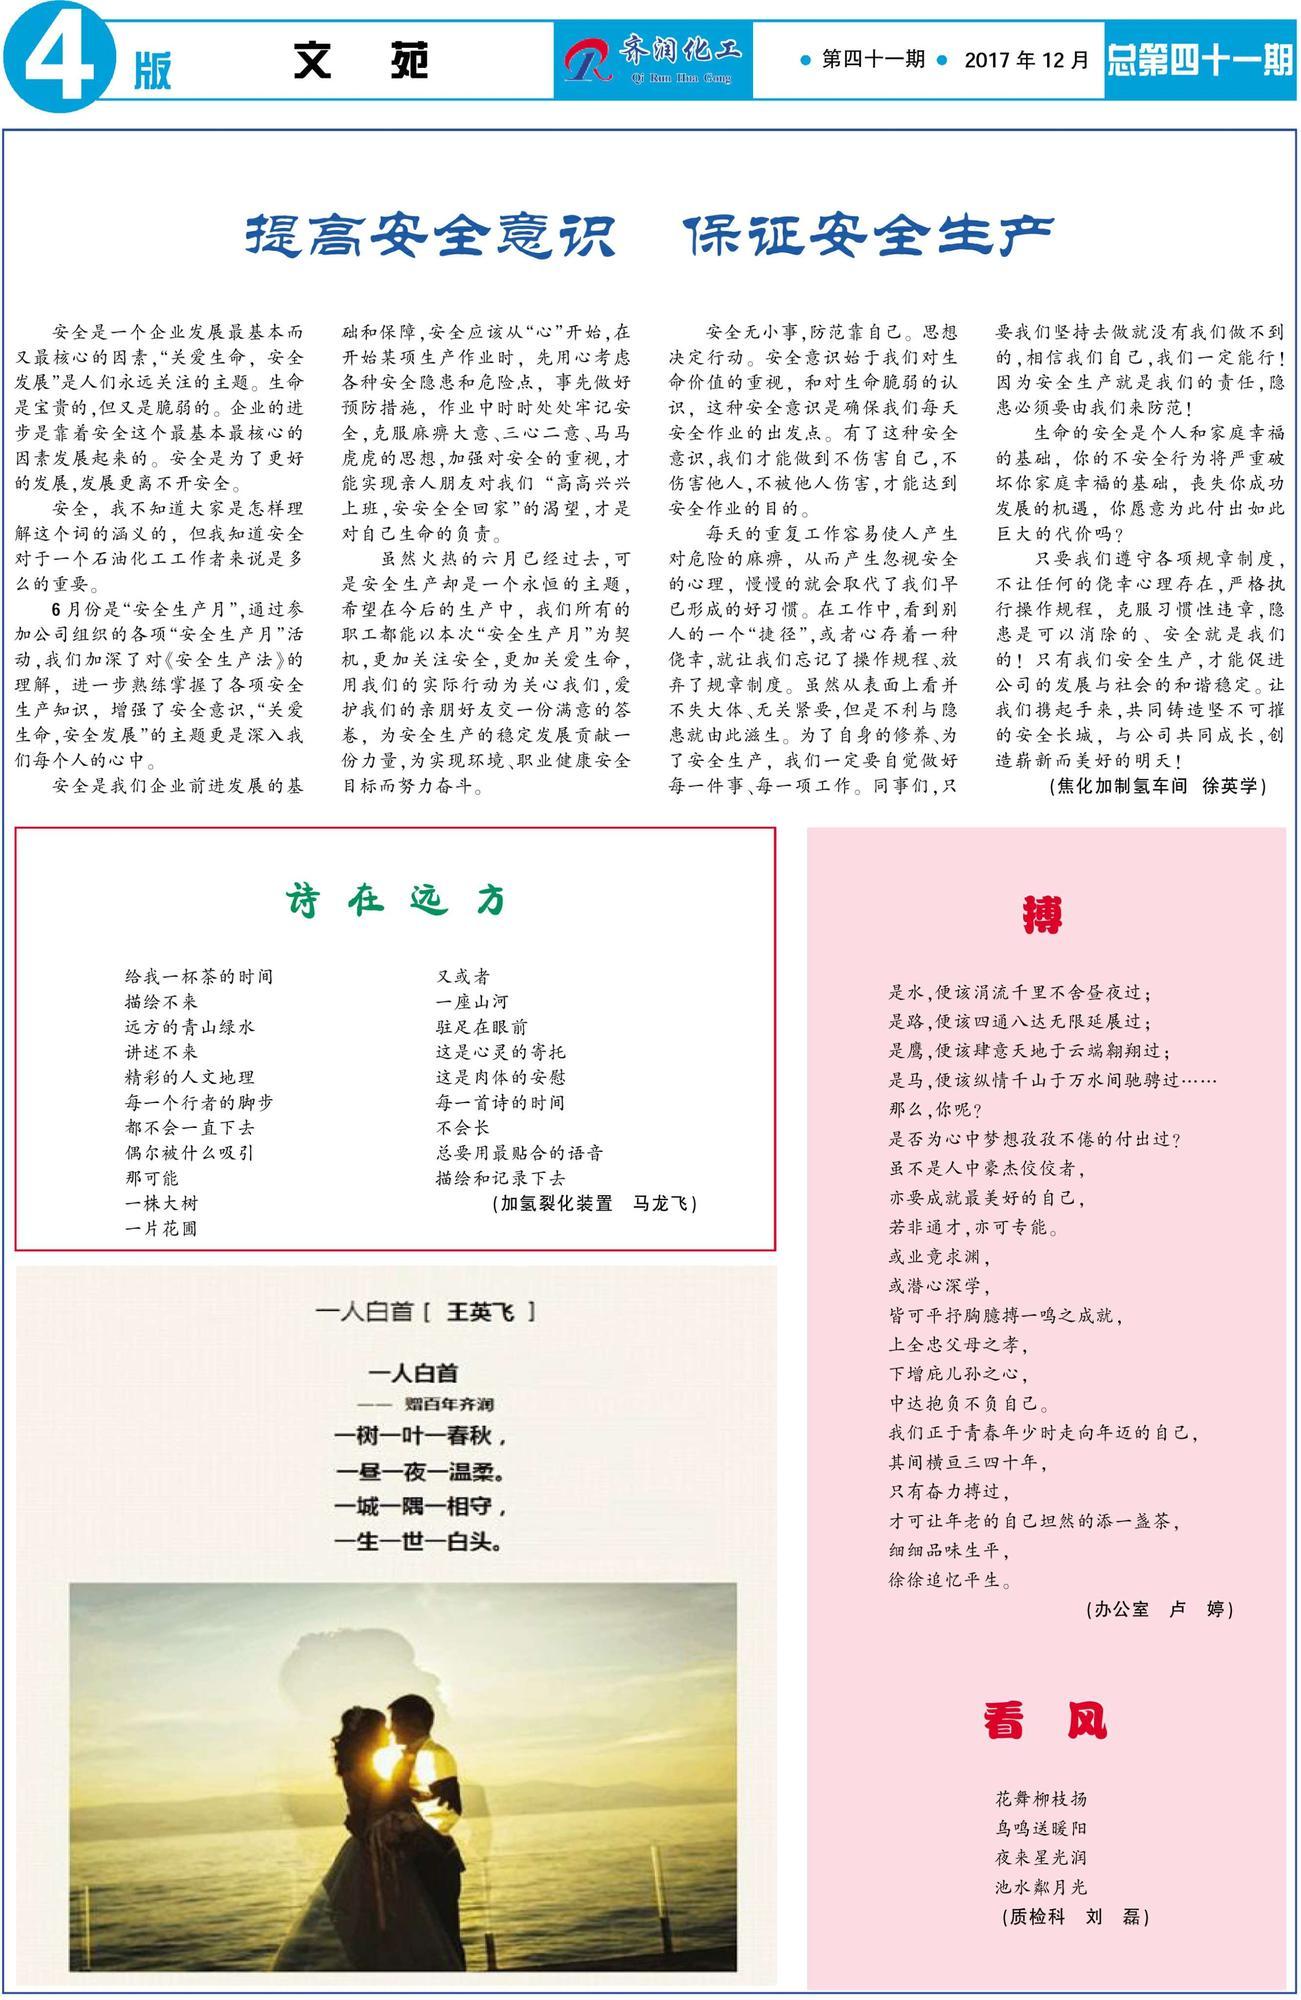 亚博体育官方登陆报第41期-4~1.jpg